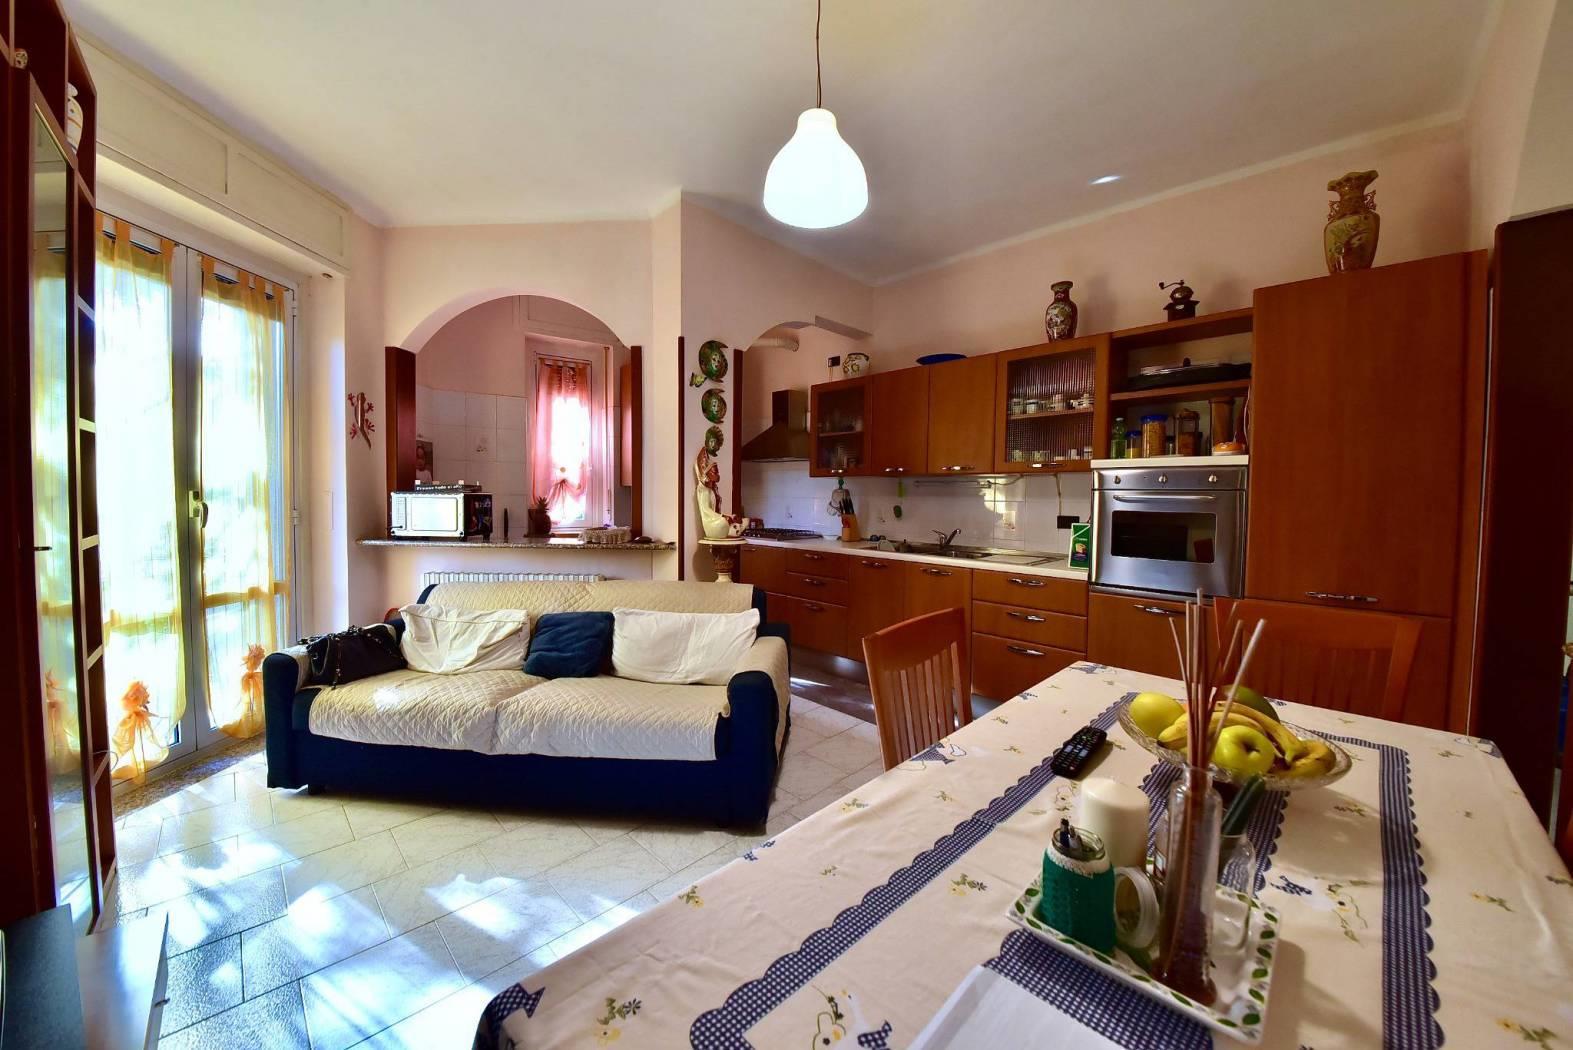 Foto 3 - Appartamento in Vendita - Desio (Monza e Brianza)